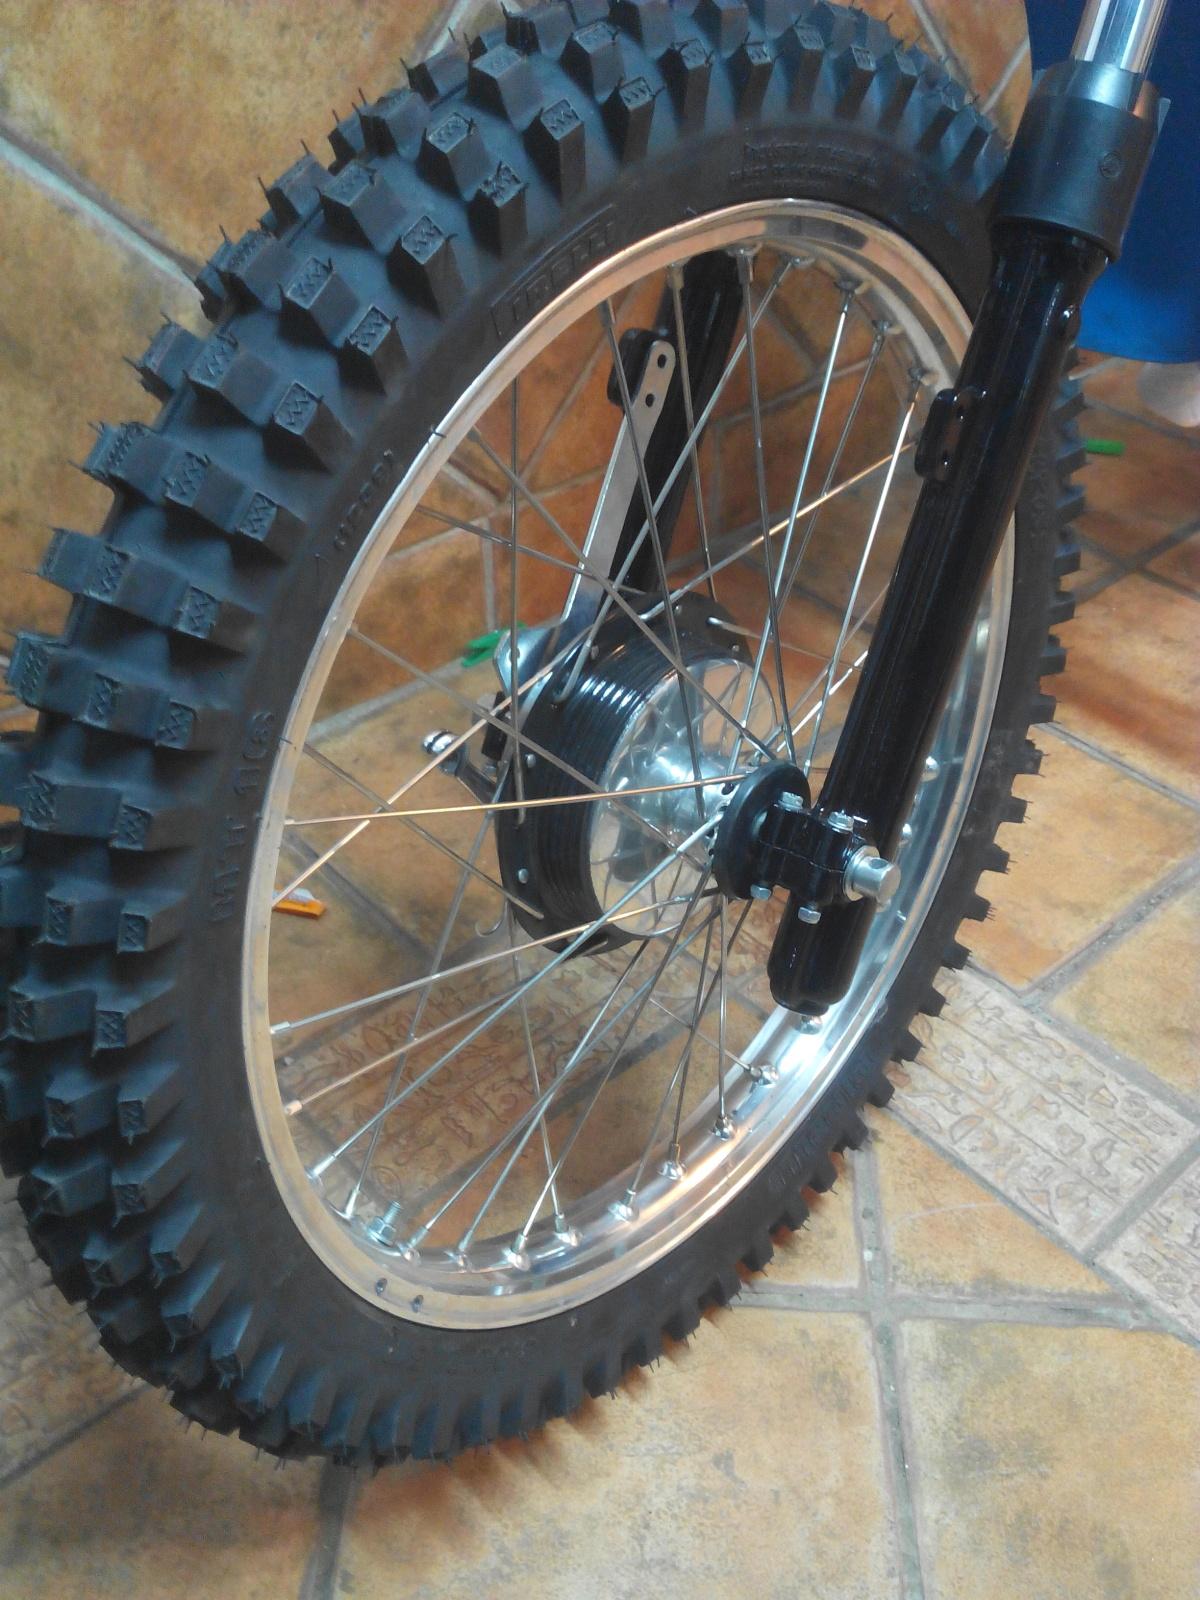 Bultaco MK11 370 - Motor - Página 3 4r40vq